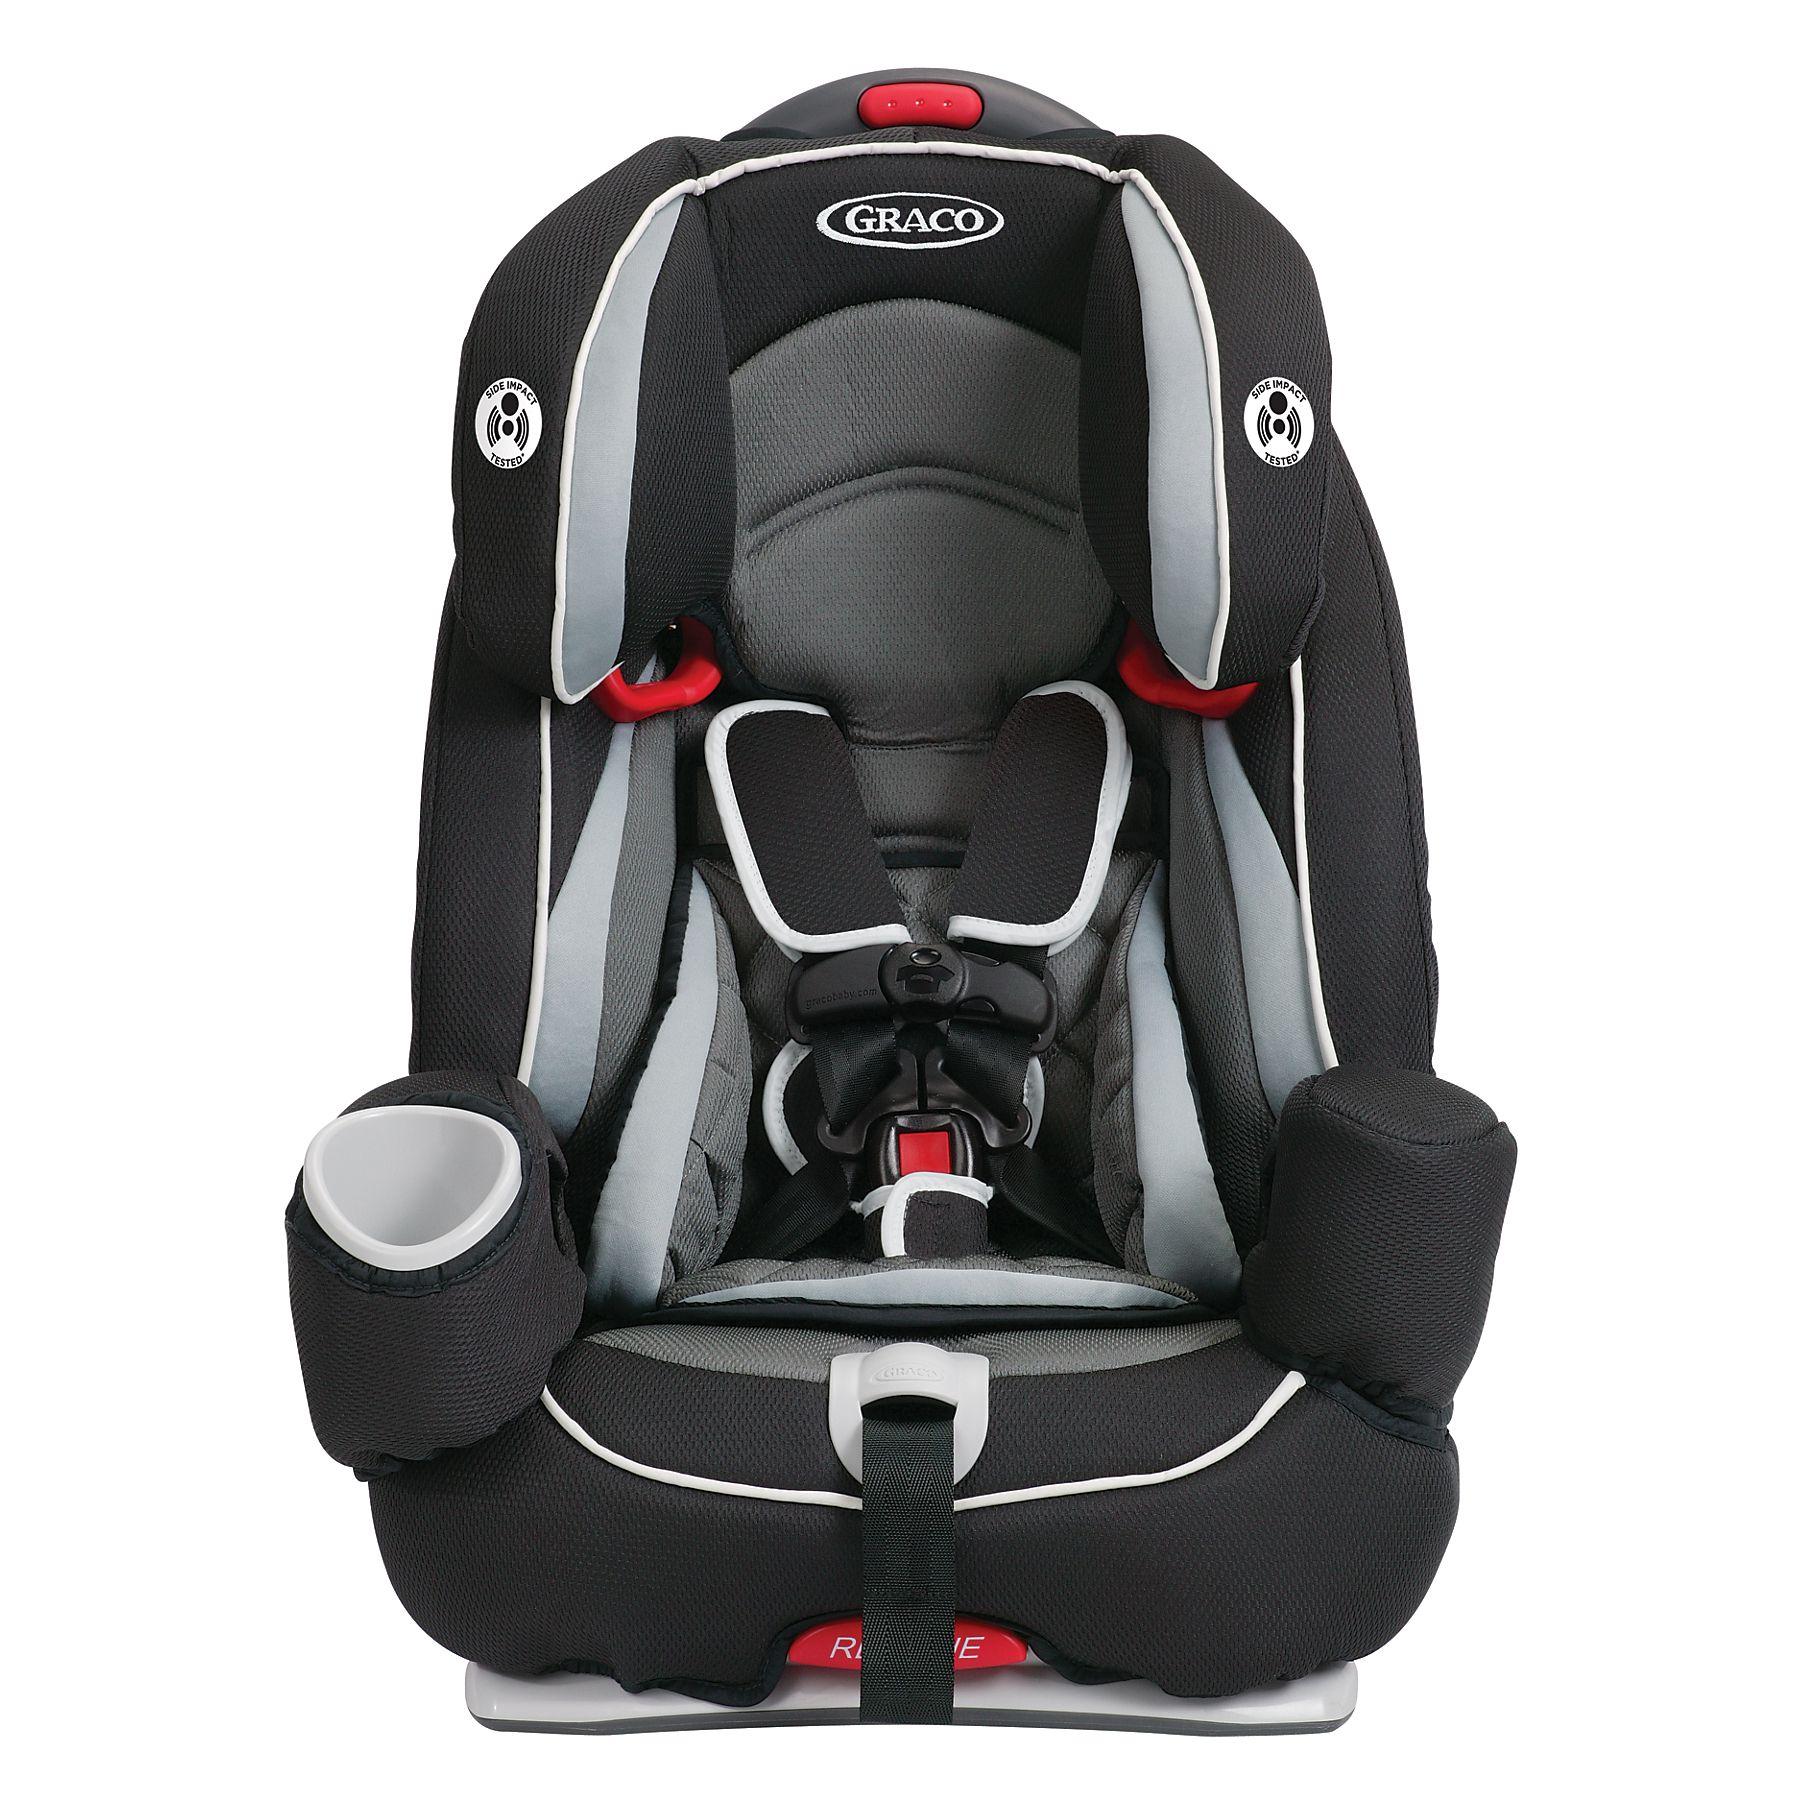 Graco Gatlin Argos 80 Elite Child Safety Car Seat On Sale